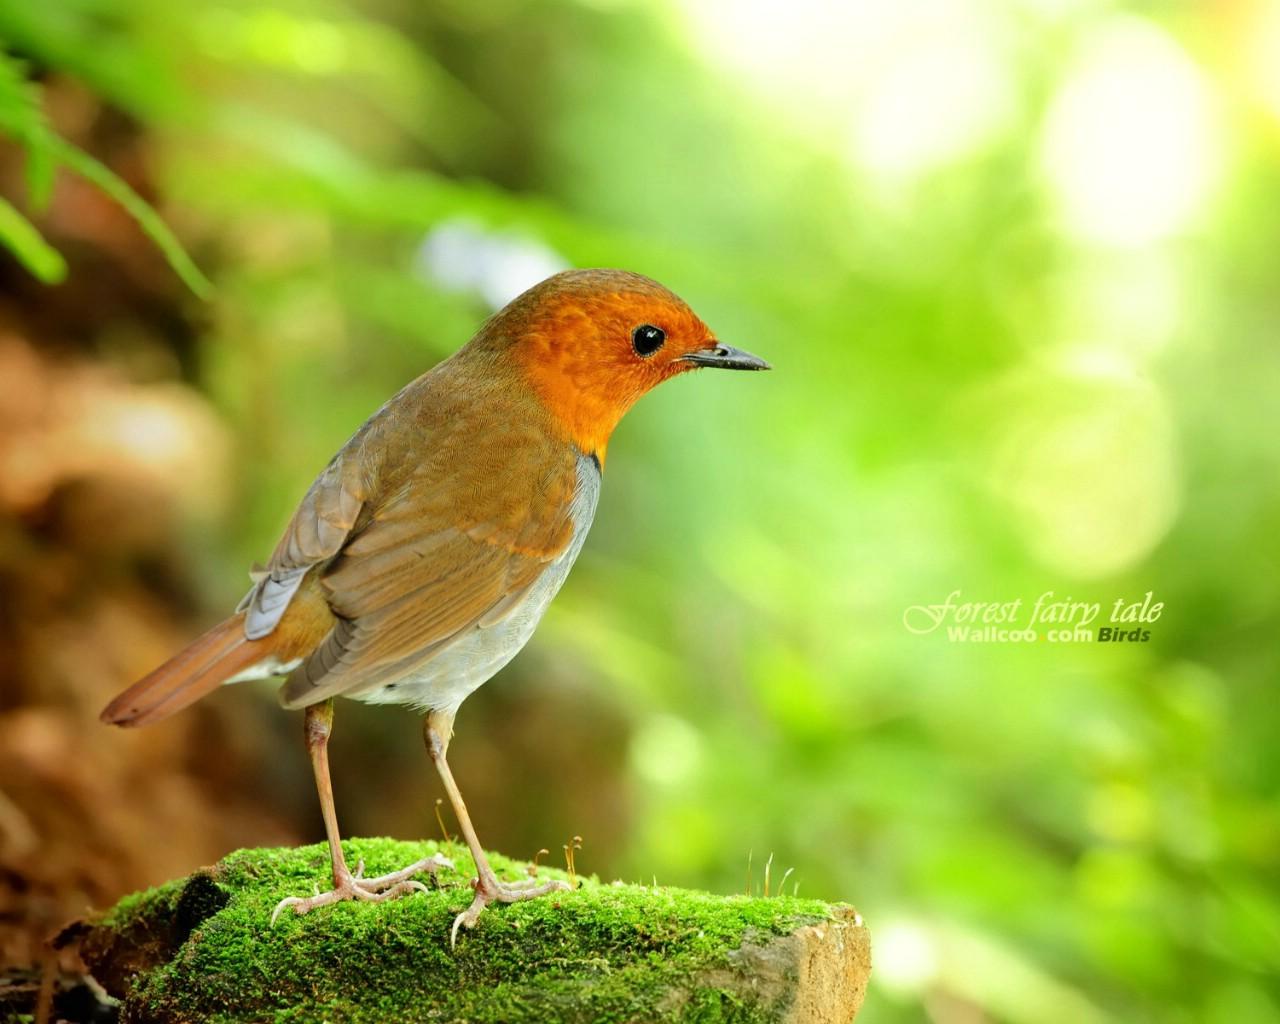 壁纸/树林里的小精灵春天可爱小鸟壁纸 日本歌鸲小鸟灵气迷人小鸟...